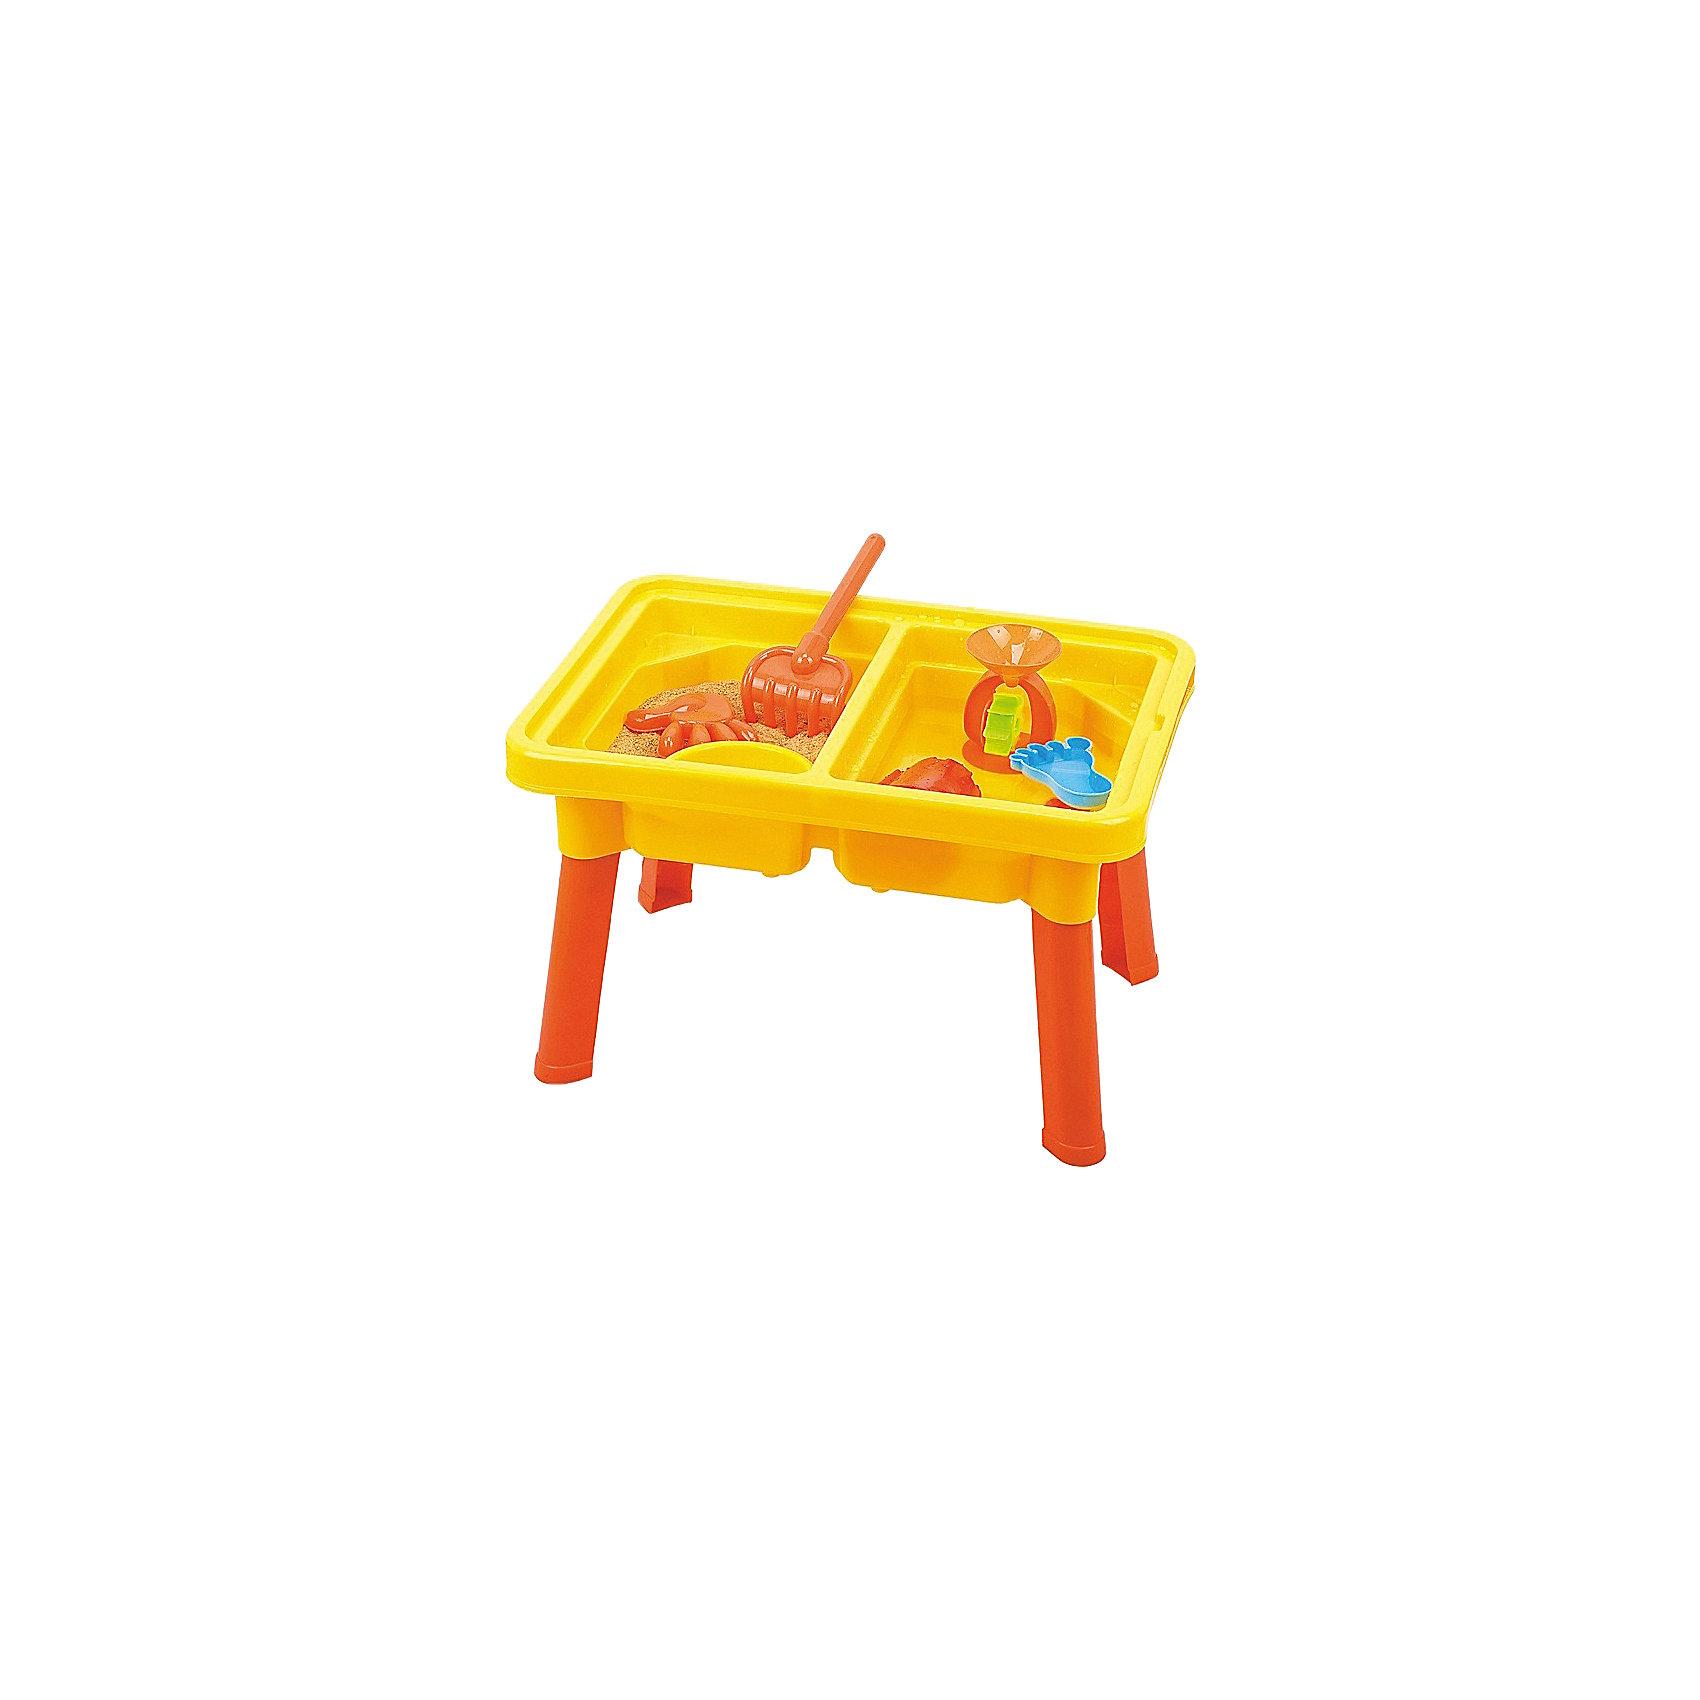 Стол для игр с песком и водой Водяная круговерть, с крышкой, стулом и аксессурами, Hualian ToysИграем в песочнице<br>Стол для игр с песком и водой Водяная круговерть, Hualian Toys, вызовет восторг у Вашего малыша. Эта оригинальная игрушка разнообразит игры на открытом воздухе и поможет весело провести время на природе или на пляже. Удобная столешница с углублениями представляет из себя прекрасное игровое поле для множества увлекательных игр с песком и водой. Благодаря съемной крышке, конструкцию можно использовать и как стол для рисования или творчества. Также за столом малыш сможет пообедать на свежем воздухе, удобно расположившись на стуле. В комплект входят разнообразные игровые элементы, которые сделают игру еще интереснее: водяное колесо, стакан, формочки, лопатка, грабли и другие предметы. Игрушка выполнена из экологически чистого и высококачественного материала, не содержащего в составе вредных красителей. <br><br>Дополнительная информация:        <br><br>- В комплекте: стол, крышка для стола, стул, 1 водяное колесо, 1 ведро, 1 стакан, 1 решето, 2 формочки, 1 лопата, 1 грабли, 2 вкладыша.<br>- Материал: пластик. <br>- Размер упаковки: 58 х 14,6 х 41,5 см.<br>- Вес: 3,46 кг.<br><br>Стол для игр с песком и водой Водяная круговерть, с аксессуарами, Hualian Toys, можно купить в нашем интернет-магазине.<br><br>Ширина мм: 580<br>Глубина мм: 146<br>Высота мм: 415<br>Вес г: 3460<br>Возраст от месяцев: 36<br>Возраст до месяцев: 72<br>Пол: Унисекс<br>Возраст: Детский<br>SKU: 4622259